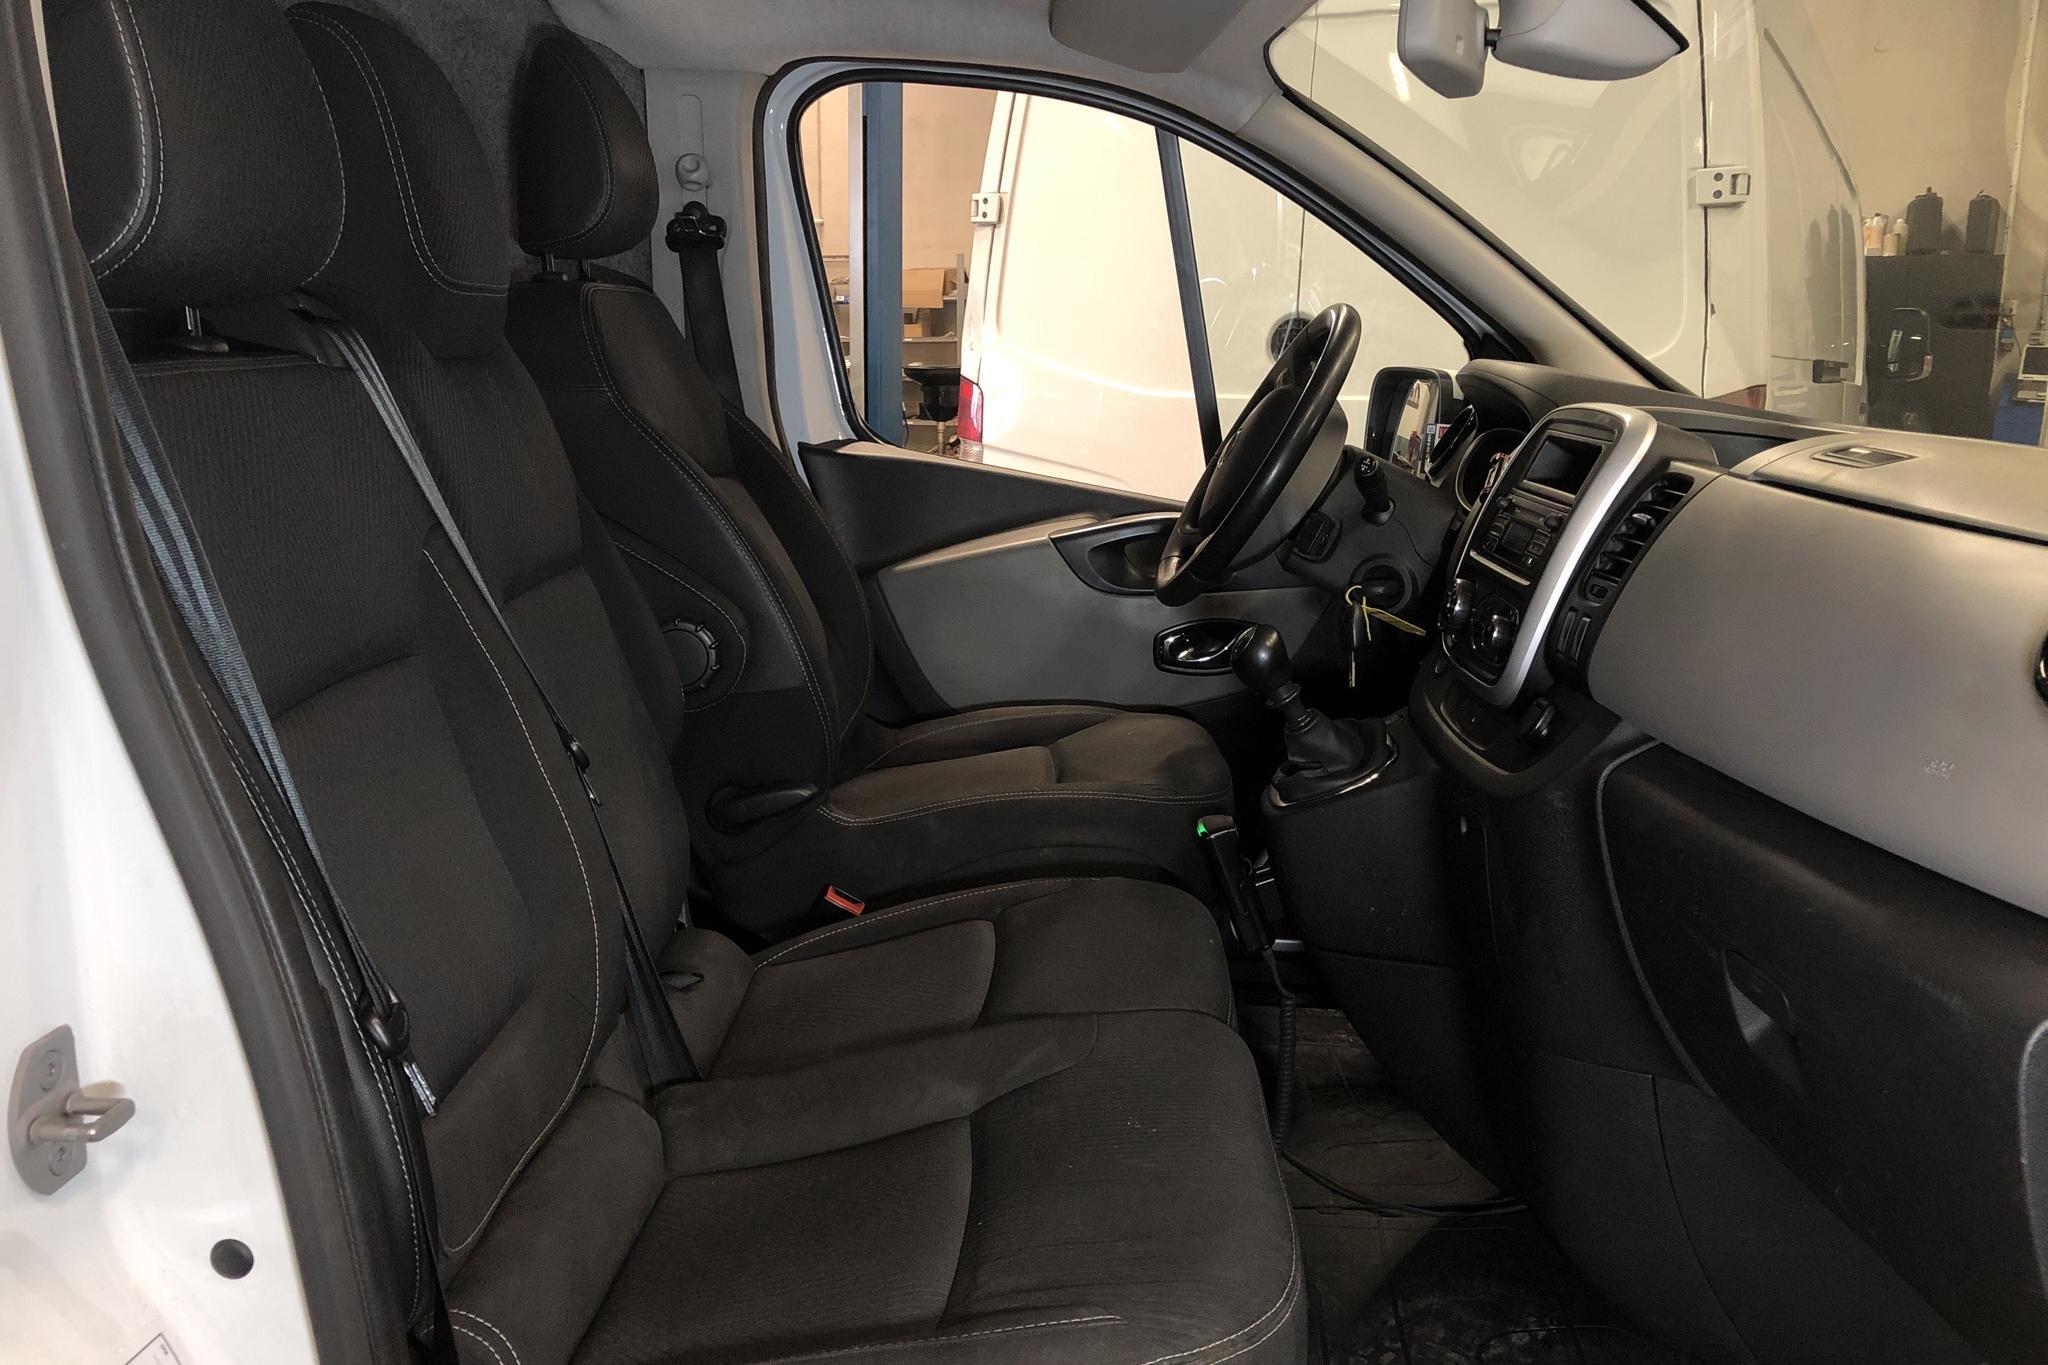 Nissan NV300 1.6 dCi (120hk) - 197 310 km - Manual - white - 2017